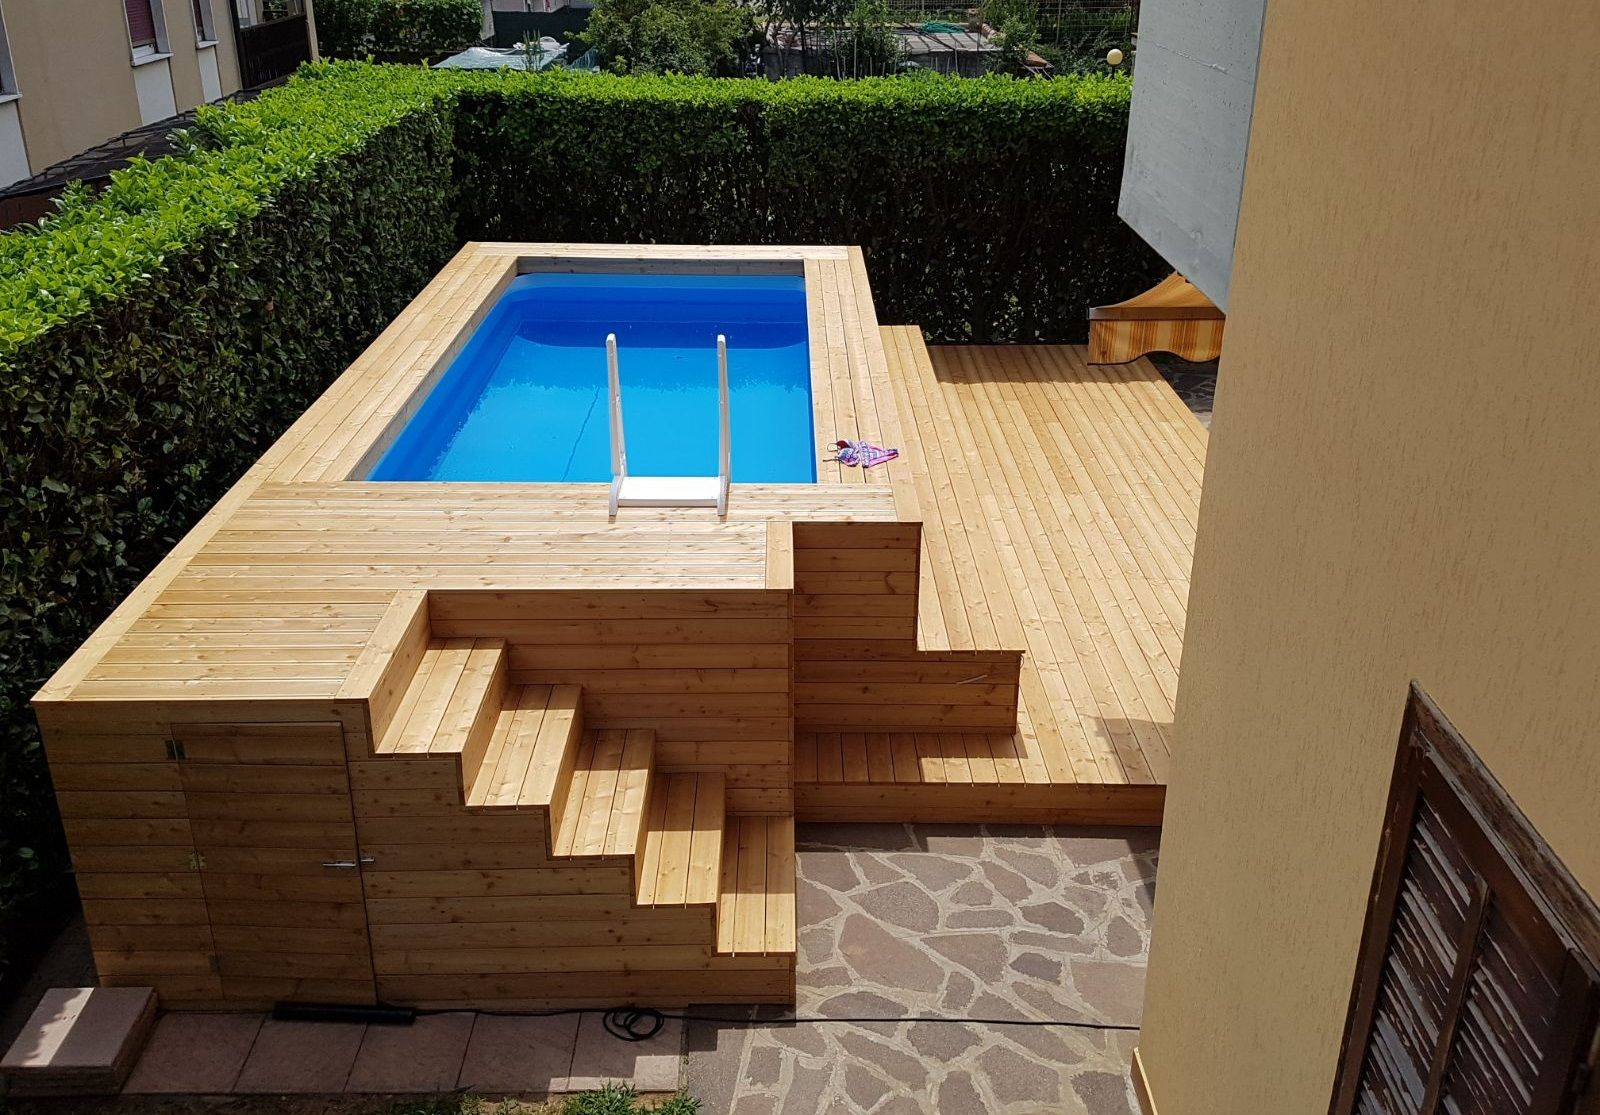 Rivestimento In Legno Per Piscine Fuori Terra : Piscina fuori terra in legno di larice con gradinate su misura